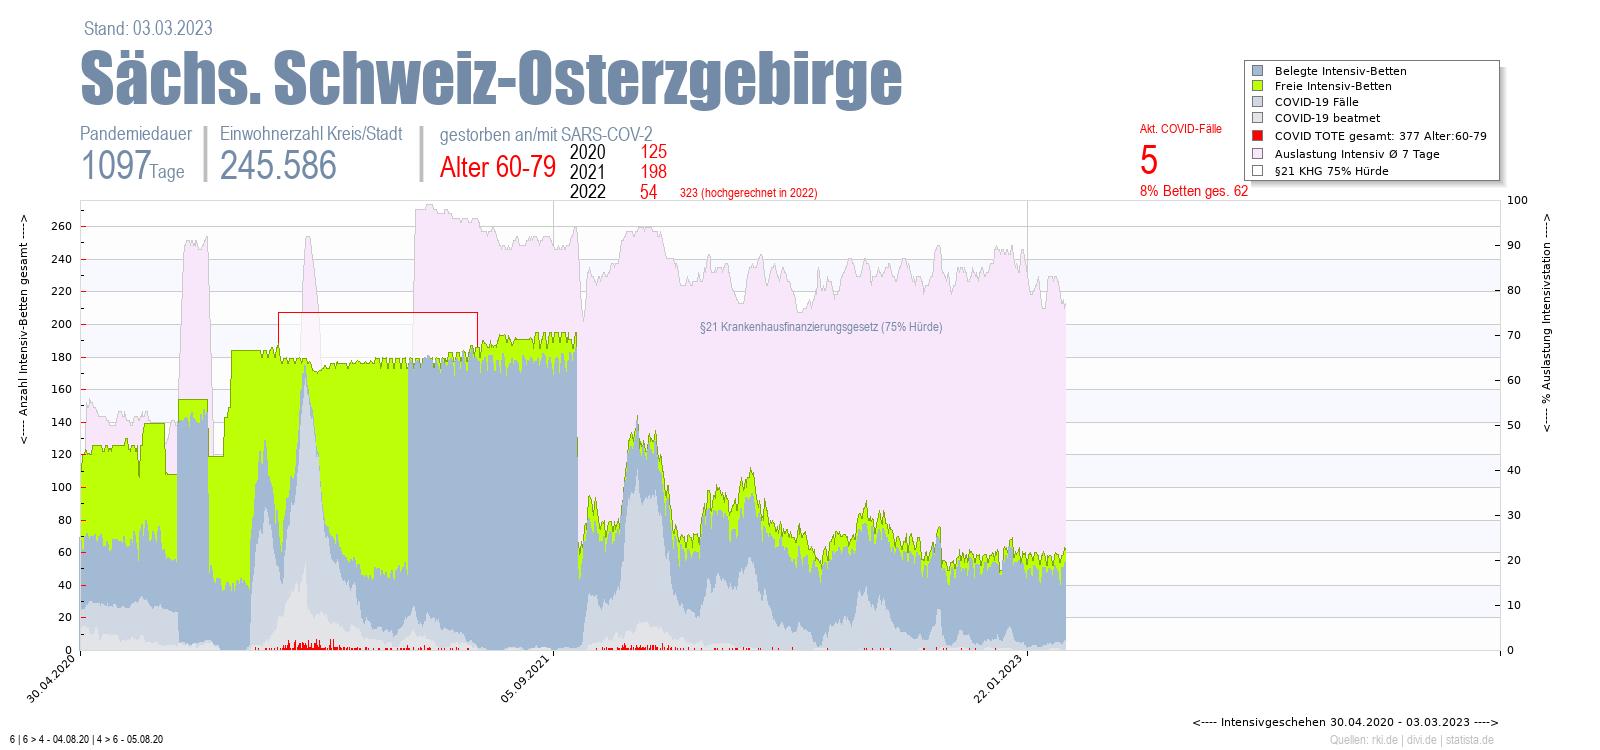 Intensivstation Auslastung Sächs. Schweiz-Osterzgebirge Alter 0-4